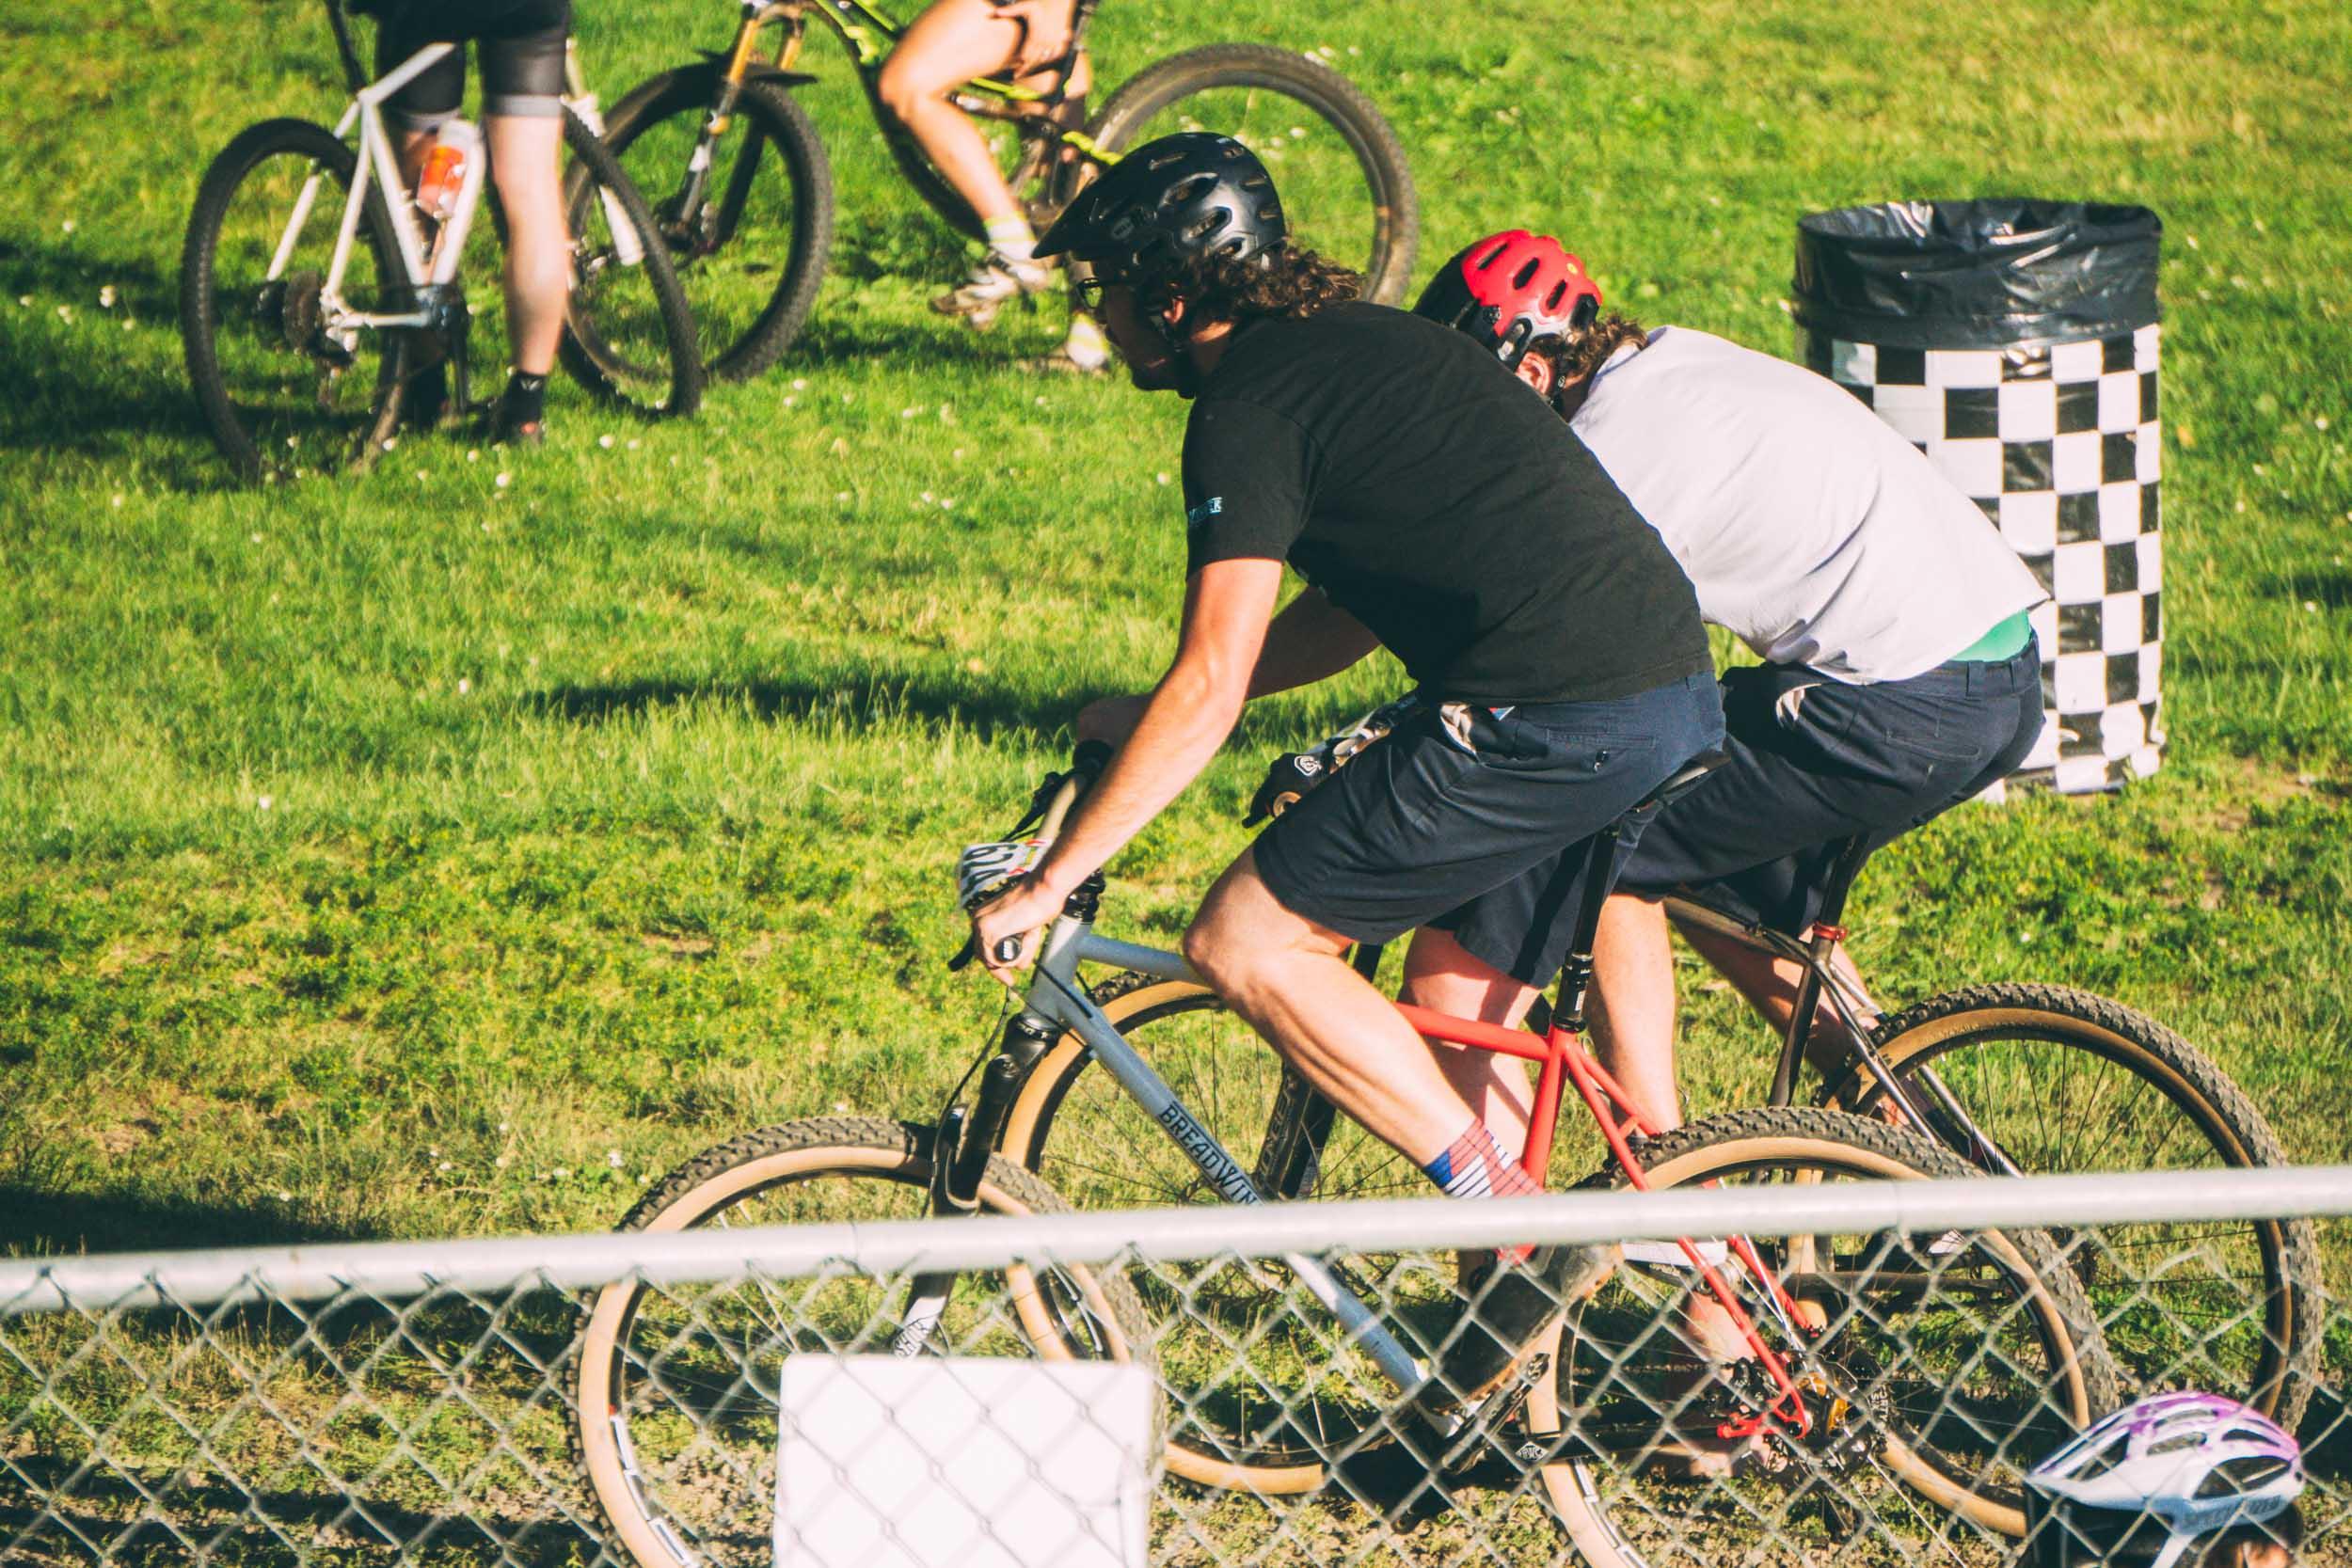 Short_Track_Race3_30.jpg